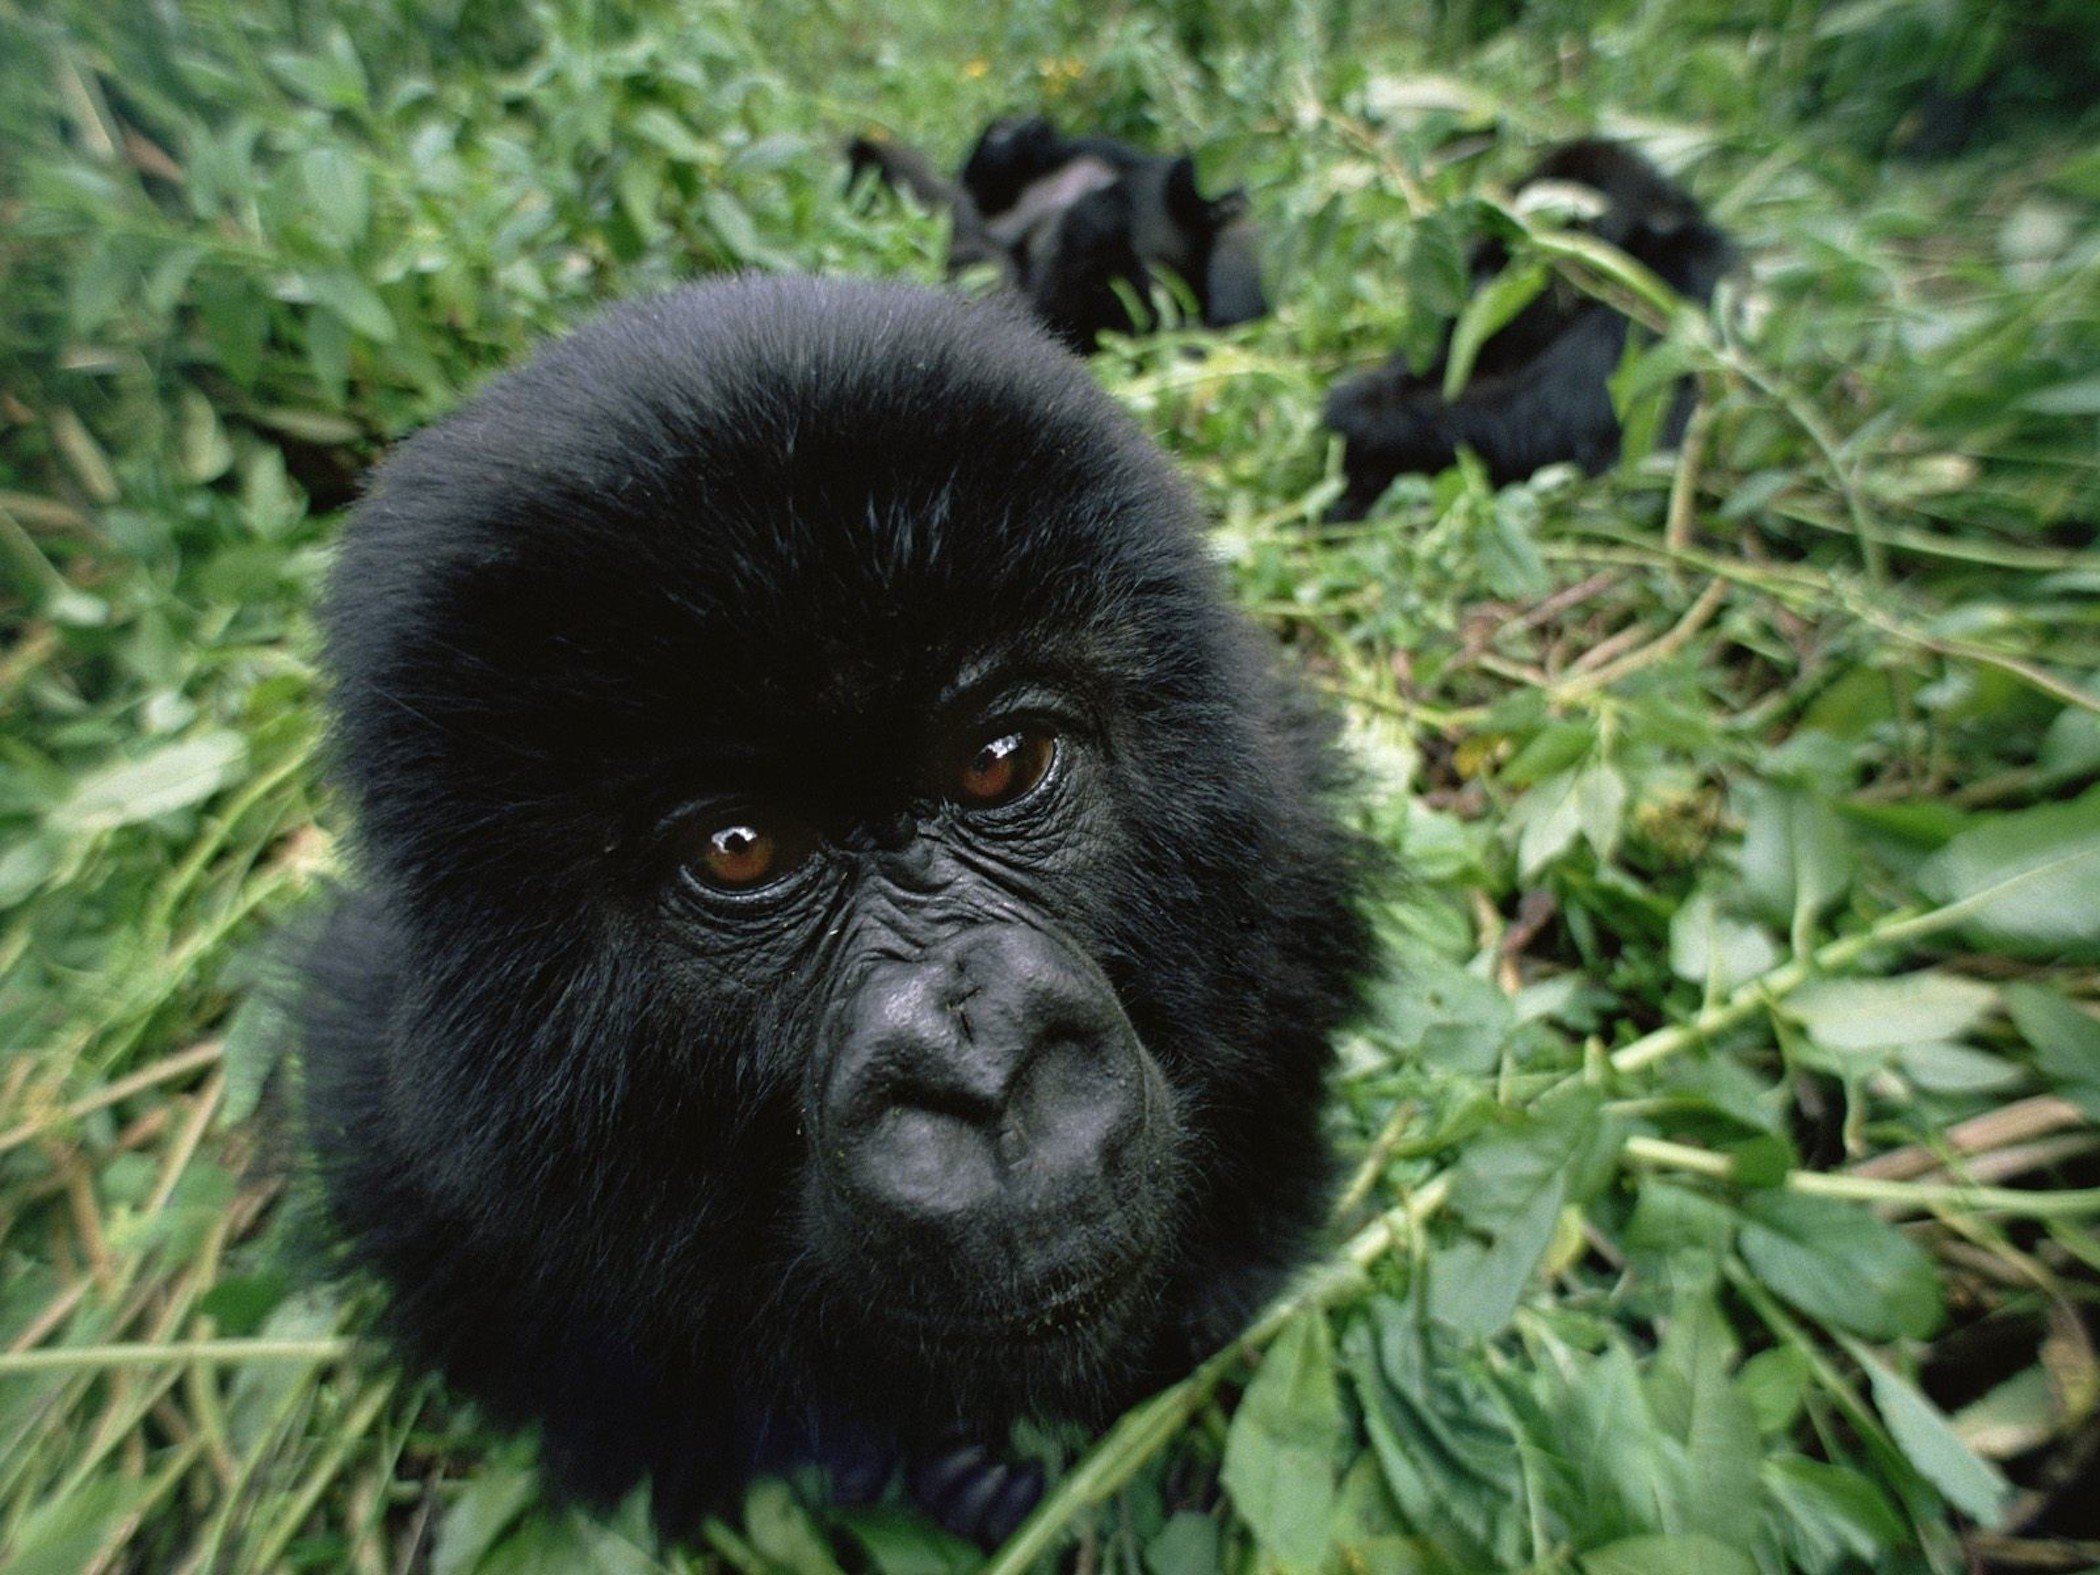 gorilla images, gorilla meaning